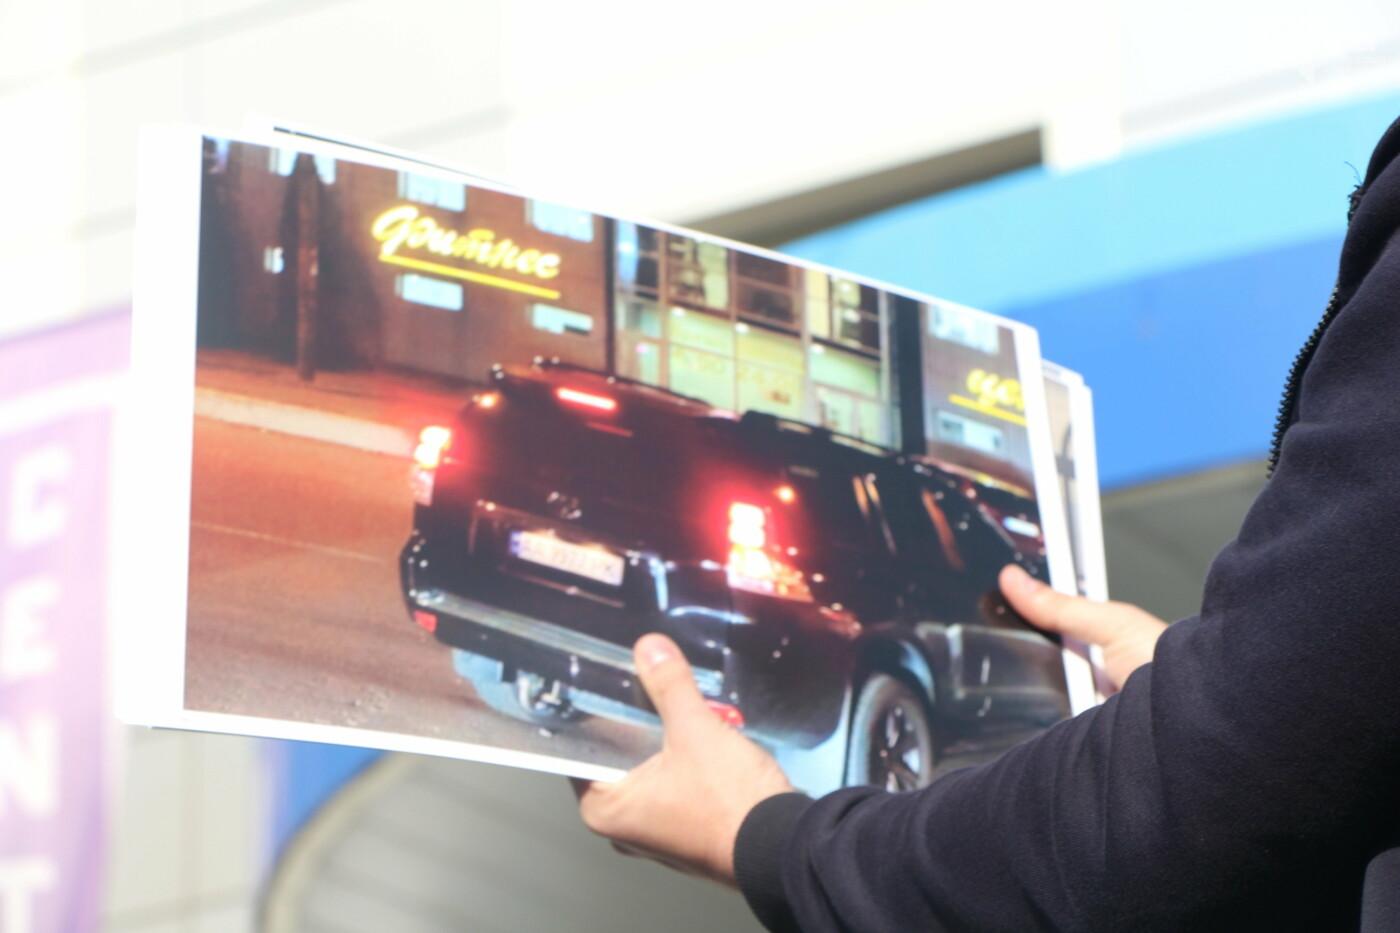 """""""Анисимов просто лох"""": на антикоррупционной экскурсии рассказали, кто приезжает в новый """"золотой офис"""", - ФОТОРЕПОРТАЖ, фото-17"""